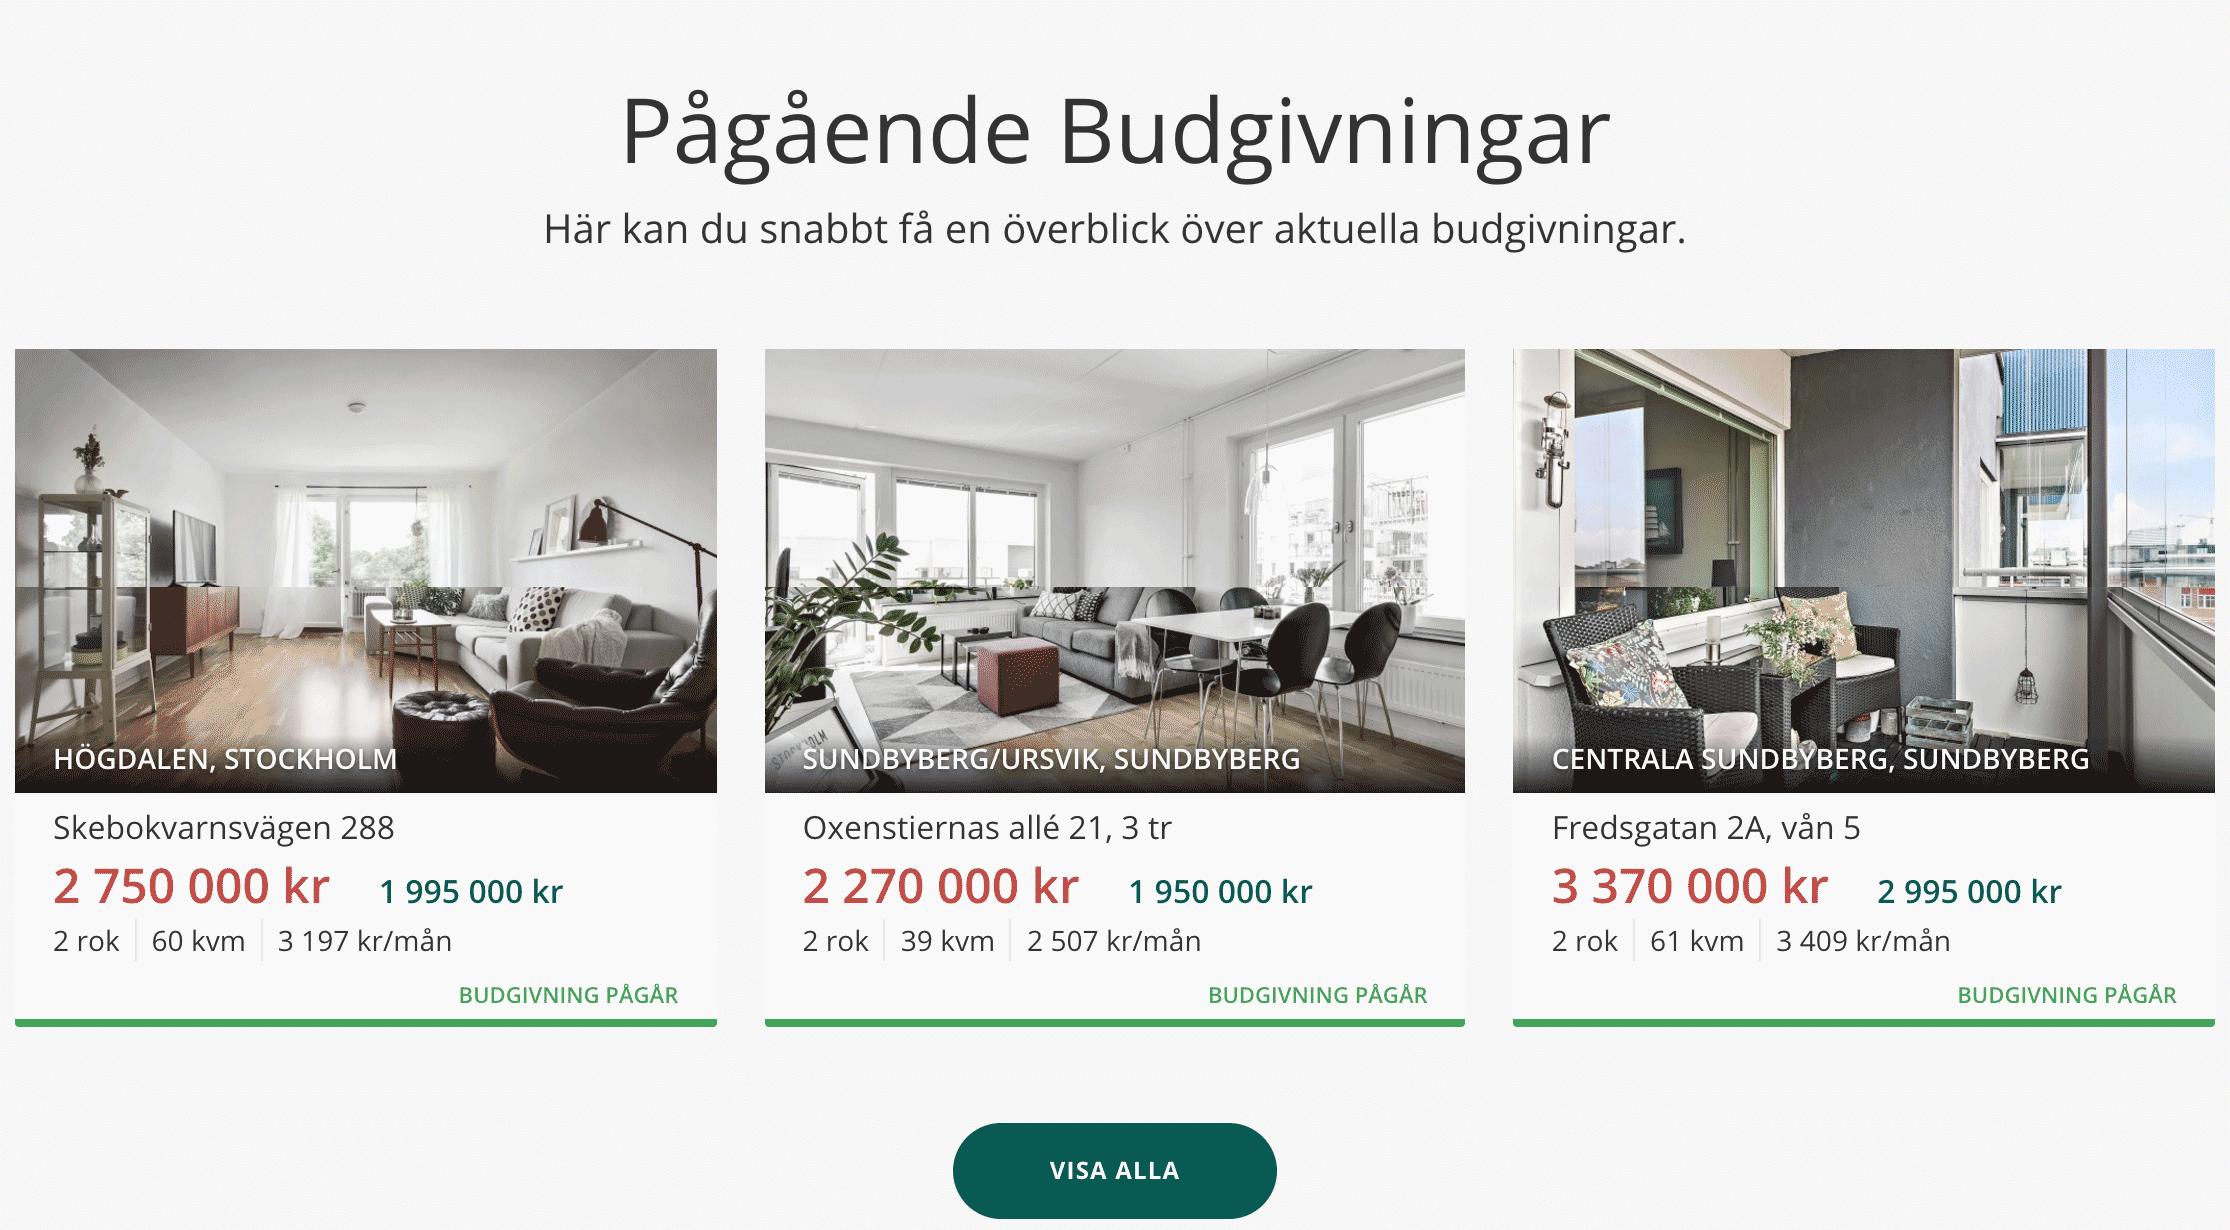 Один из главных сайтов для покупки или продажи жилья — {notar.se}(https://www.notar.se)